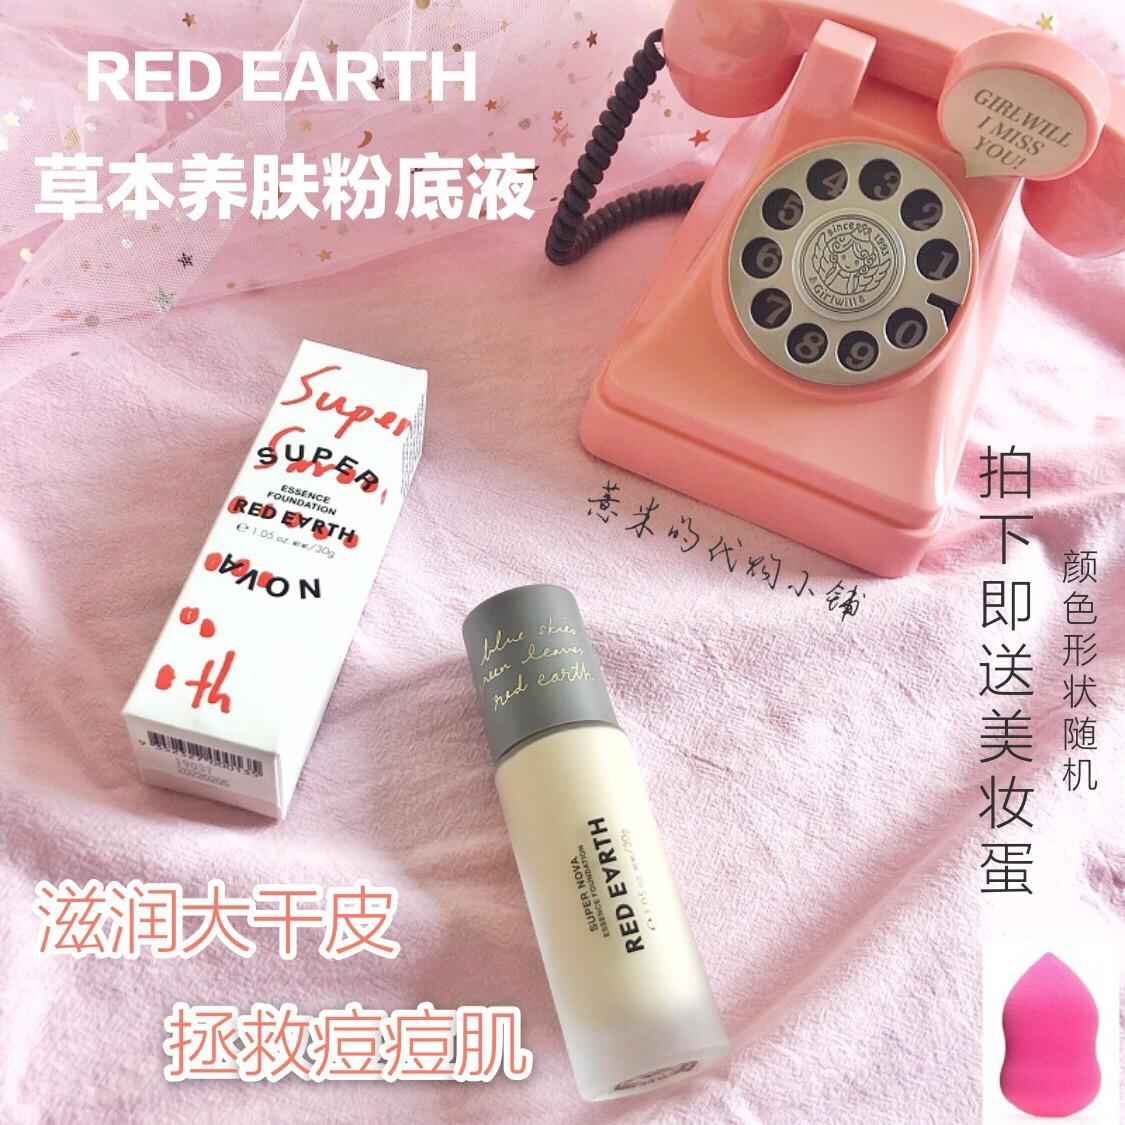 薏米家 Red Earth红地球草本精华养肤粉底液霜轻薄裸妆奶油肌包邮热销88件需要用券